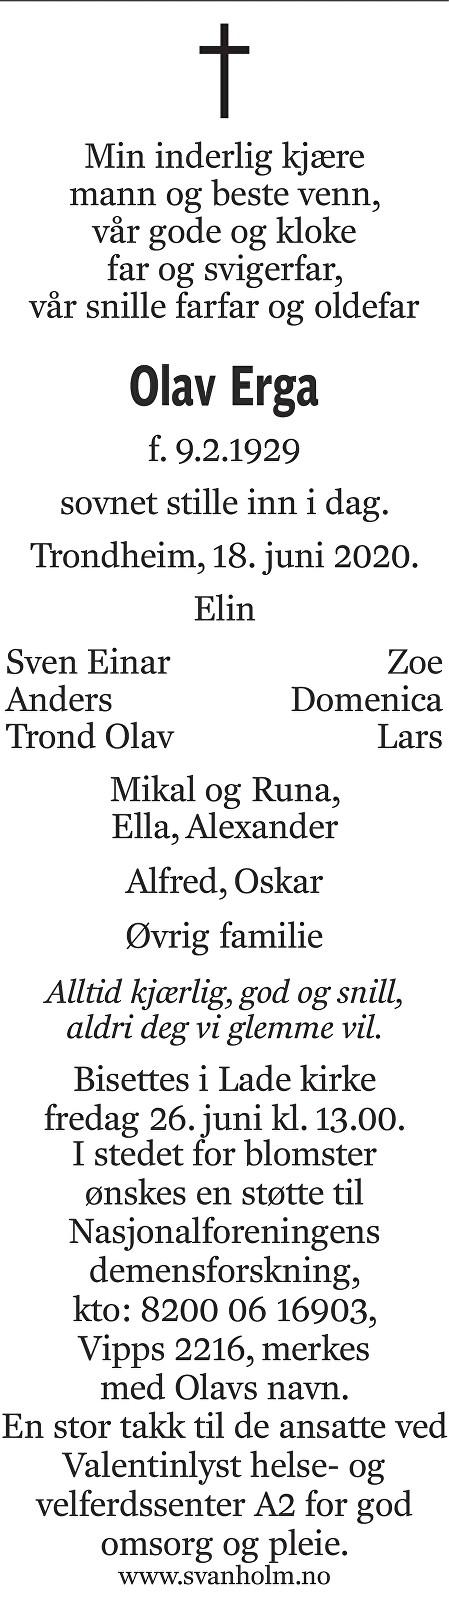 Olav Erga Dødsannonse